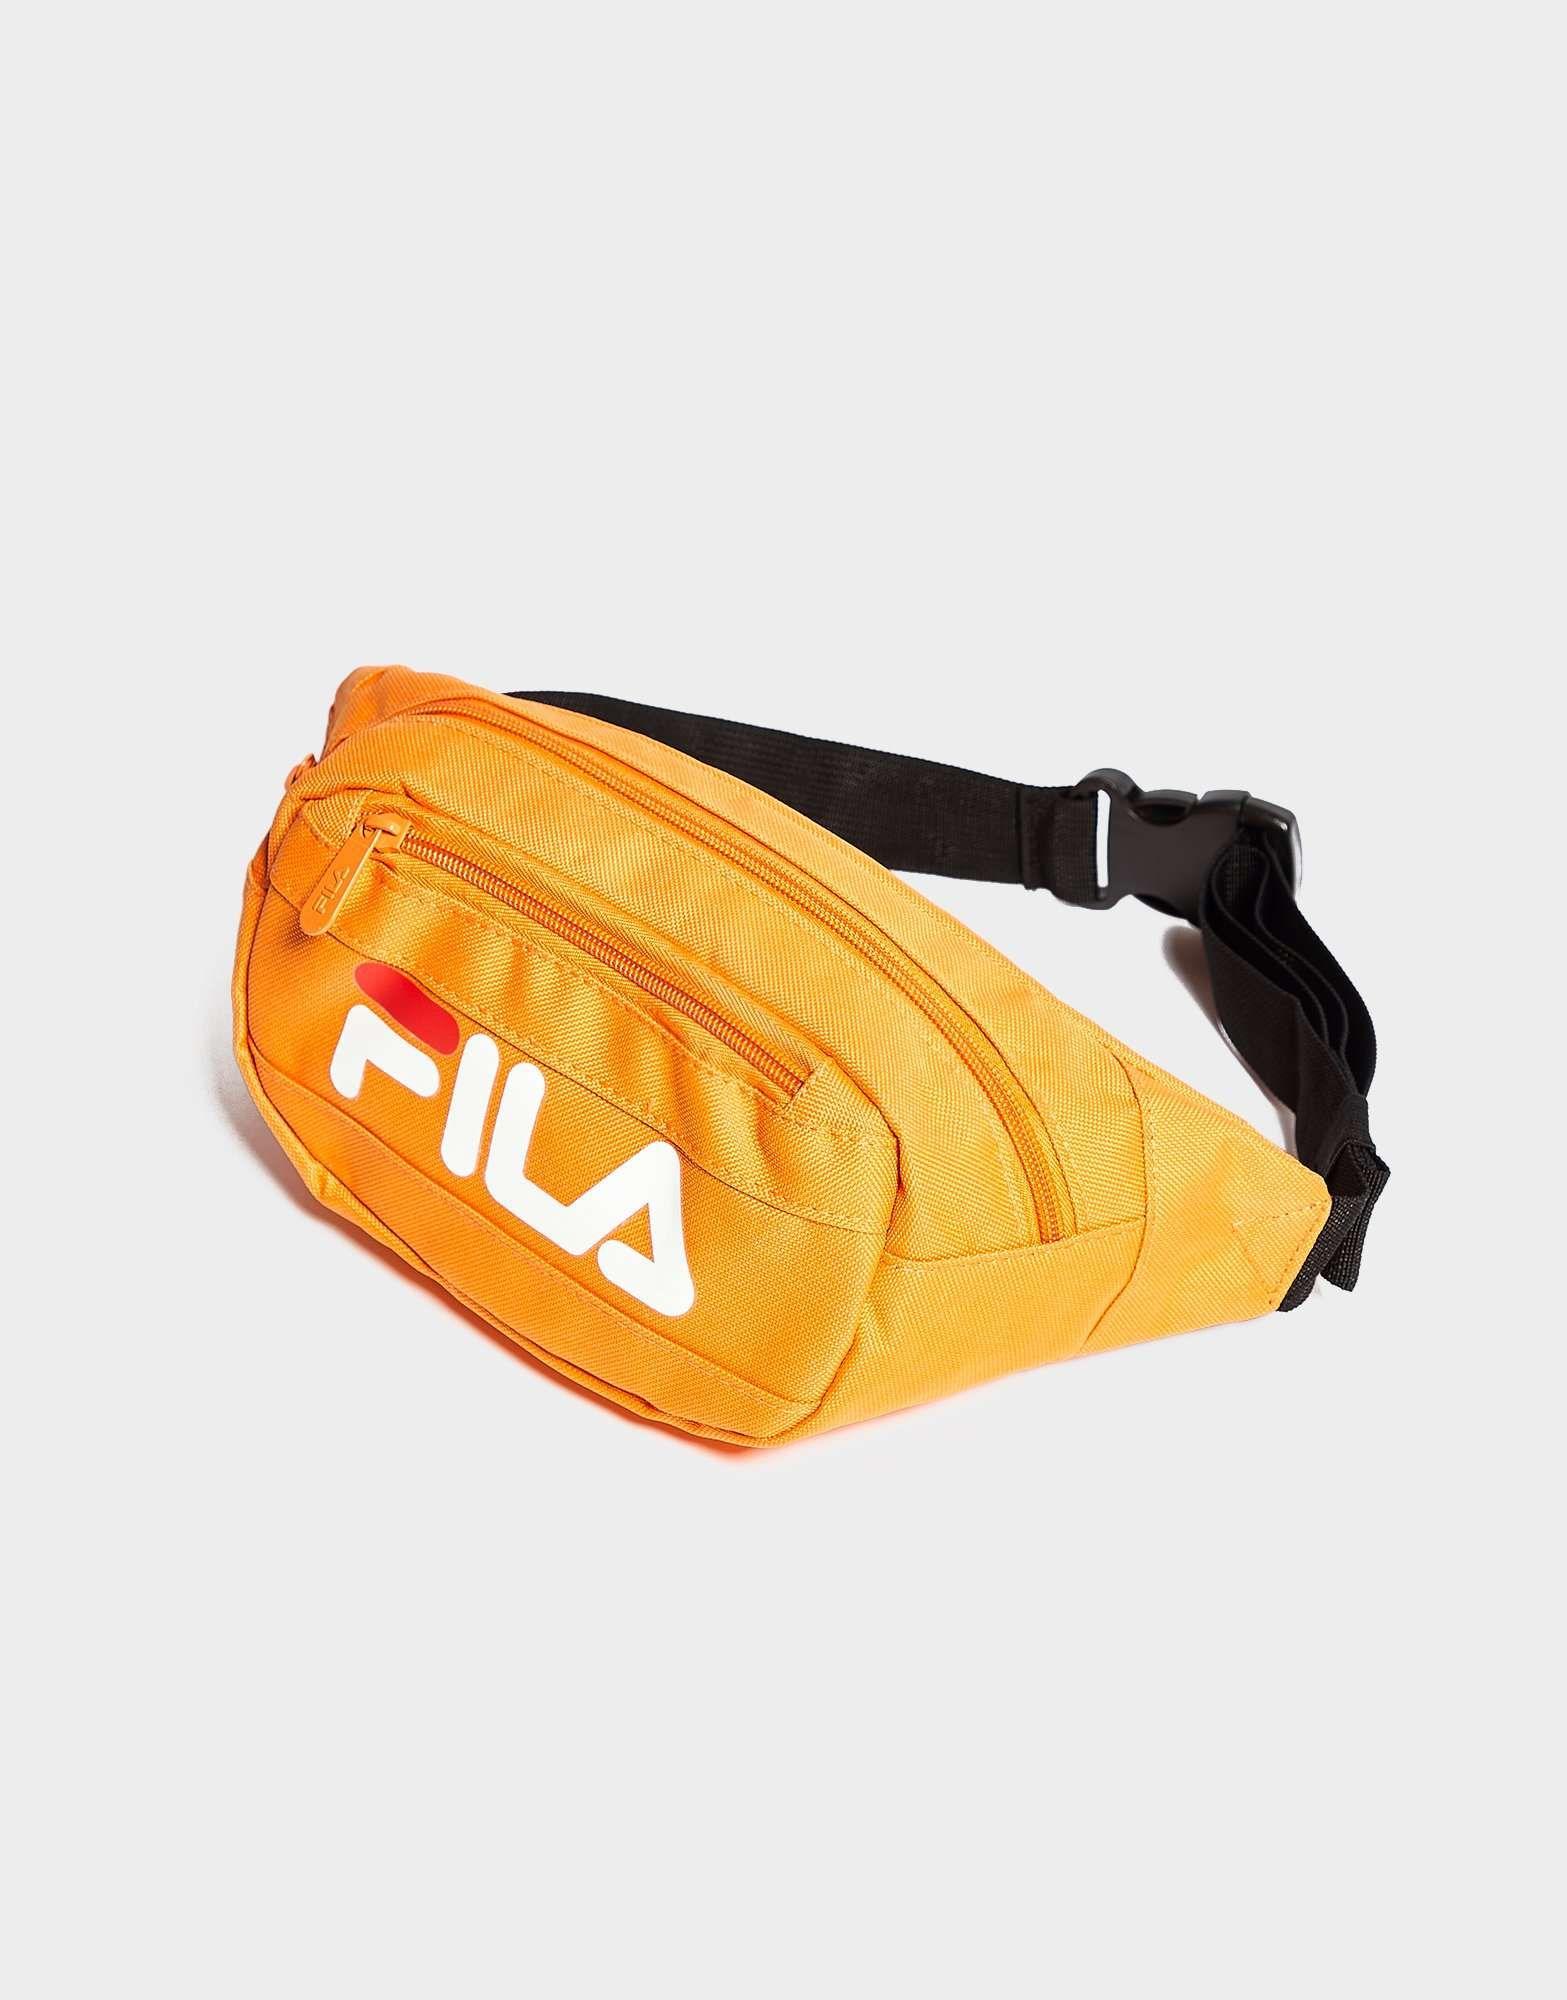 dd4d4ace40 Fila Younes Waist Bag - Shop online for Fila Younes Waist Bag with ...